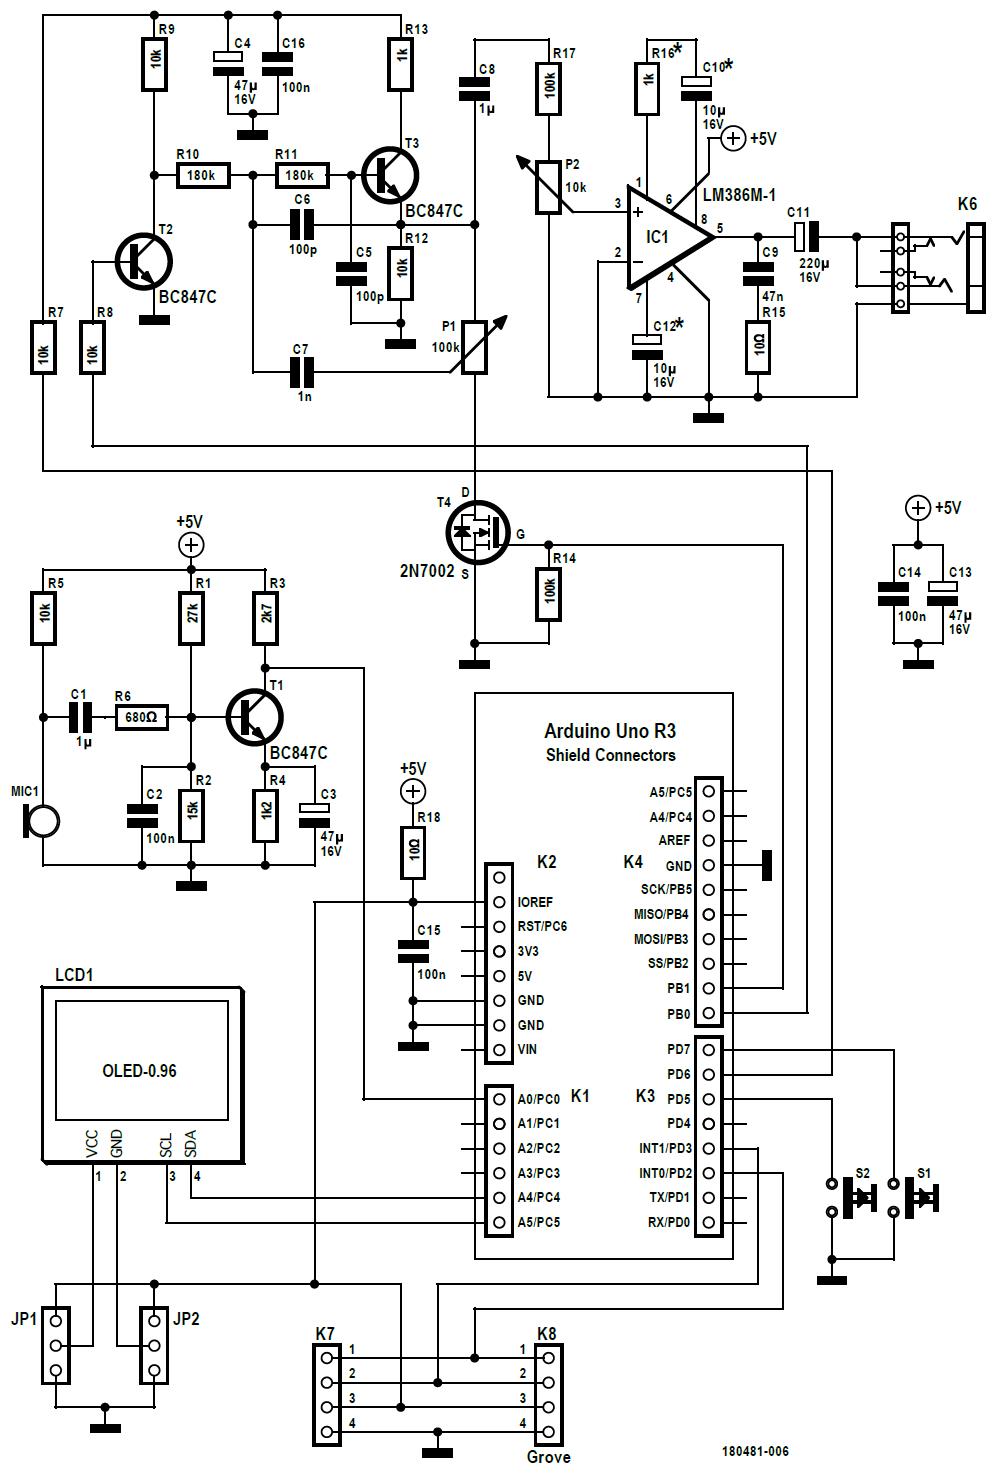 Figura 2: lo schema elettrico consiste principalmente nell'amplificatore per microfono T1, il processore di rumore controllato da T2 e T3 e l'amplificatore di potenza IC1